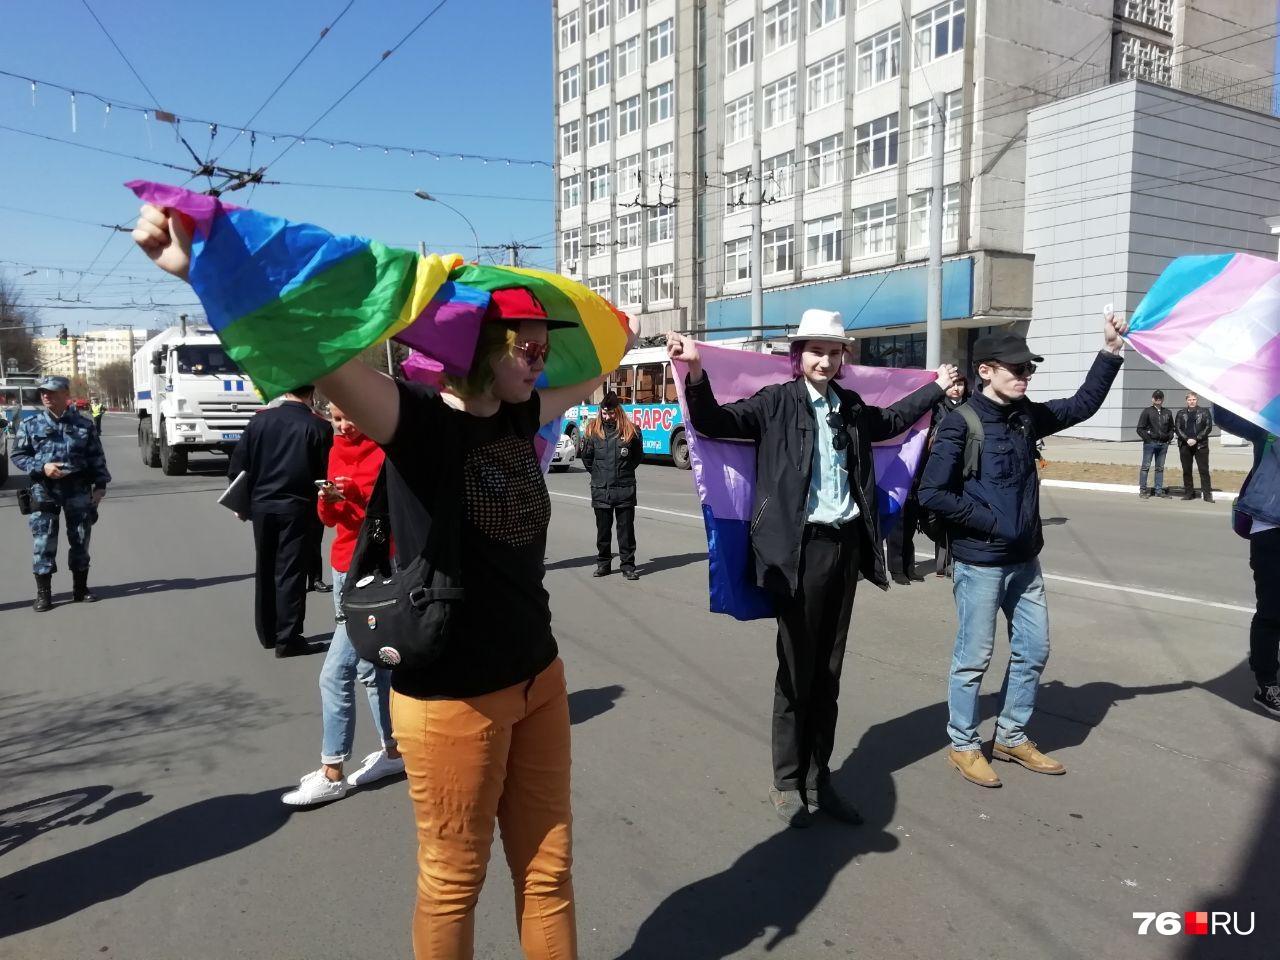 На этот раз другие участники праздника спокойно отреагировали на ЛГБТ-флаги